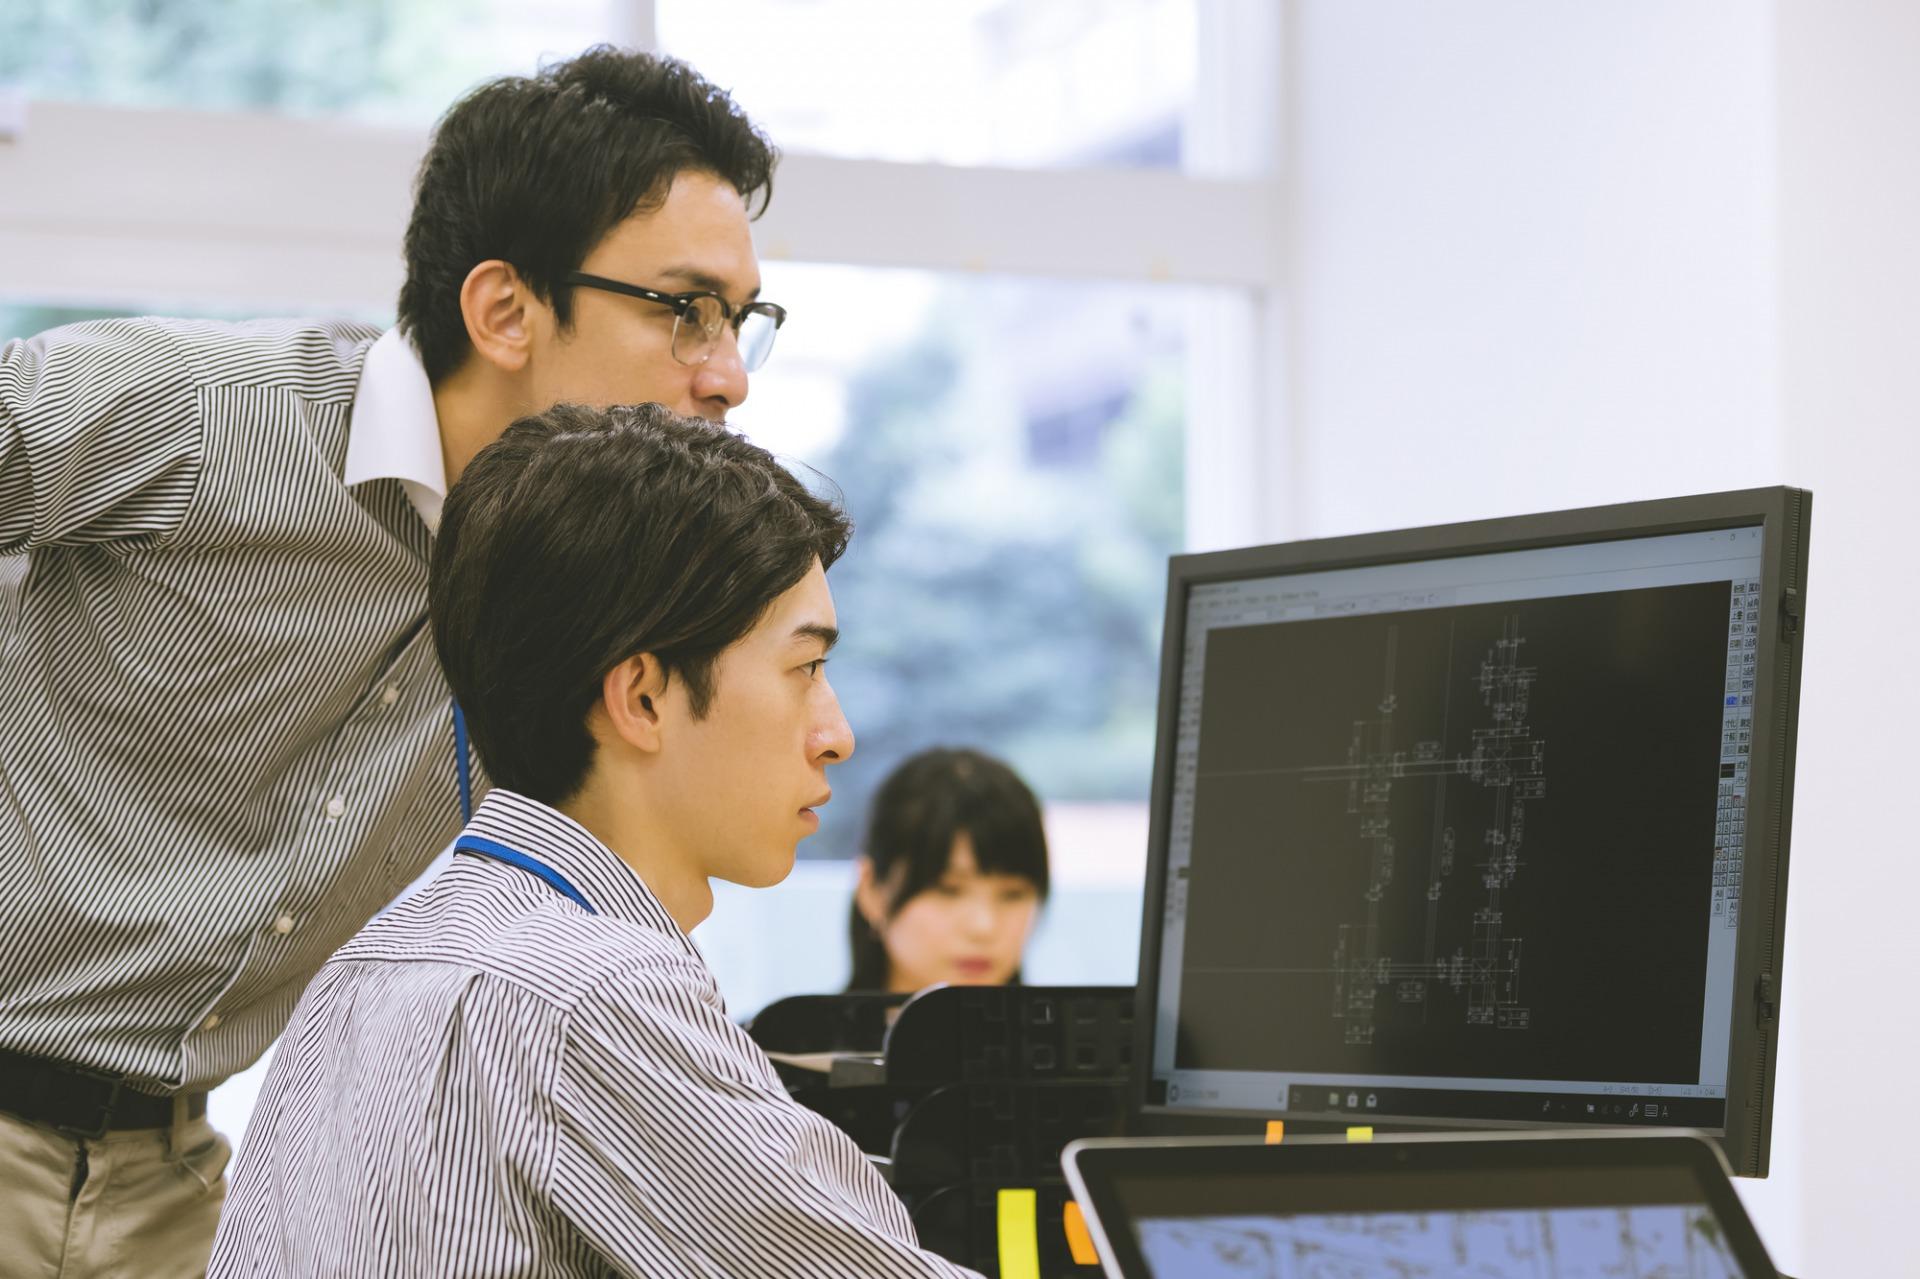 完成図書・CADによる図面作成業務